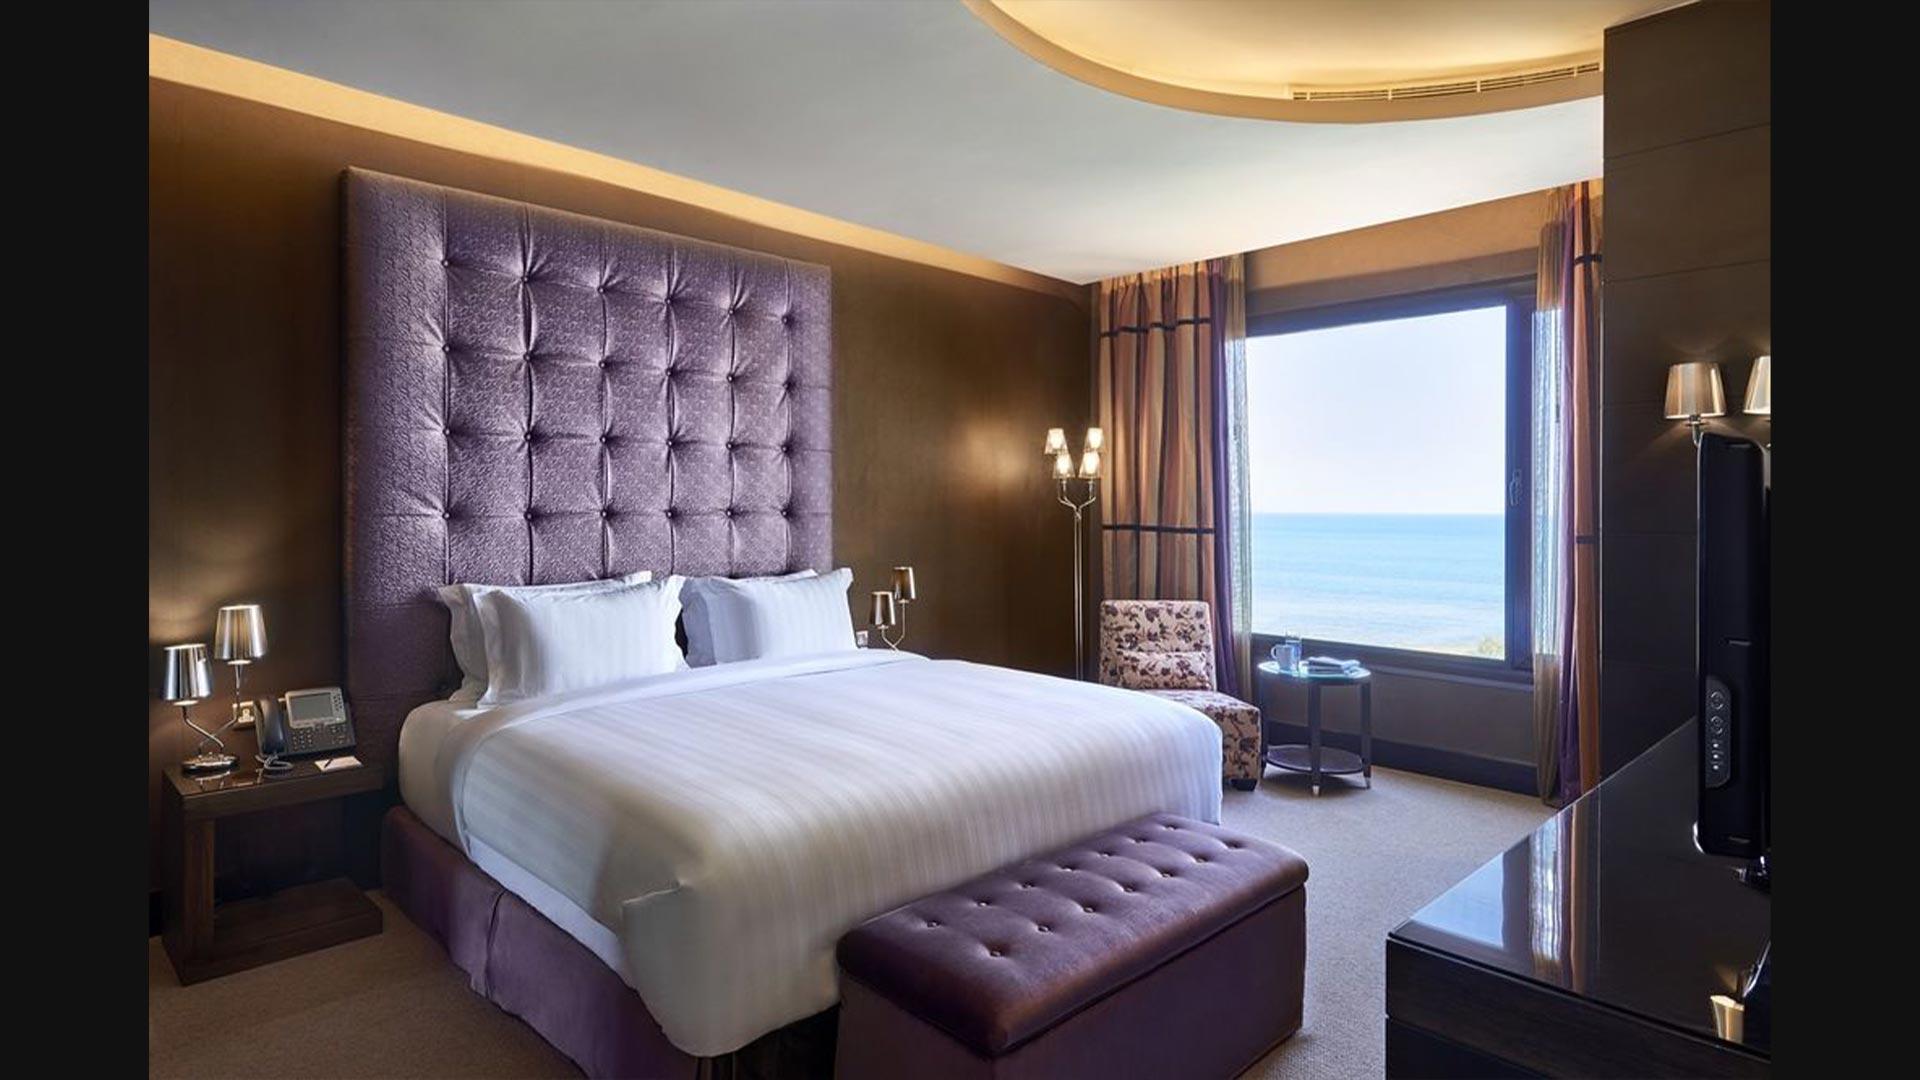 Hotelzimmer vom Safir Hotel Fintas, Kuwait